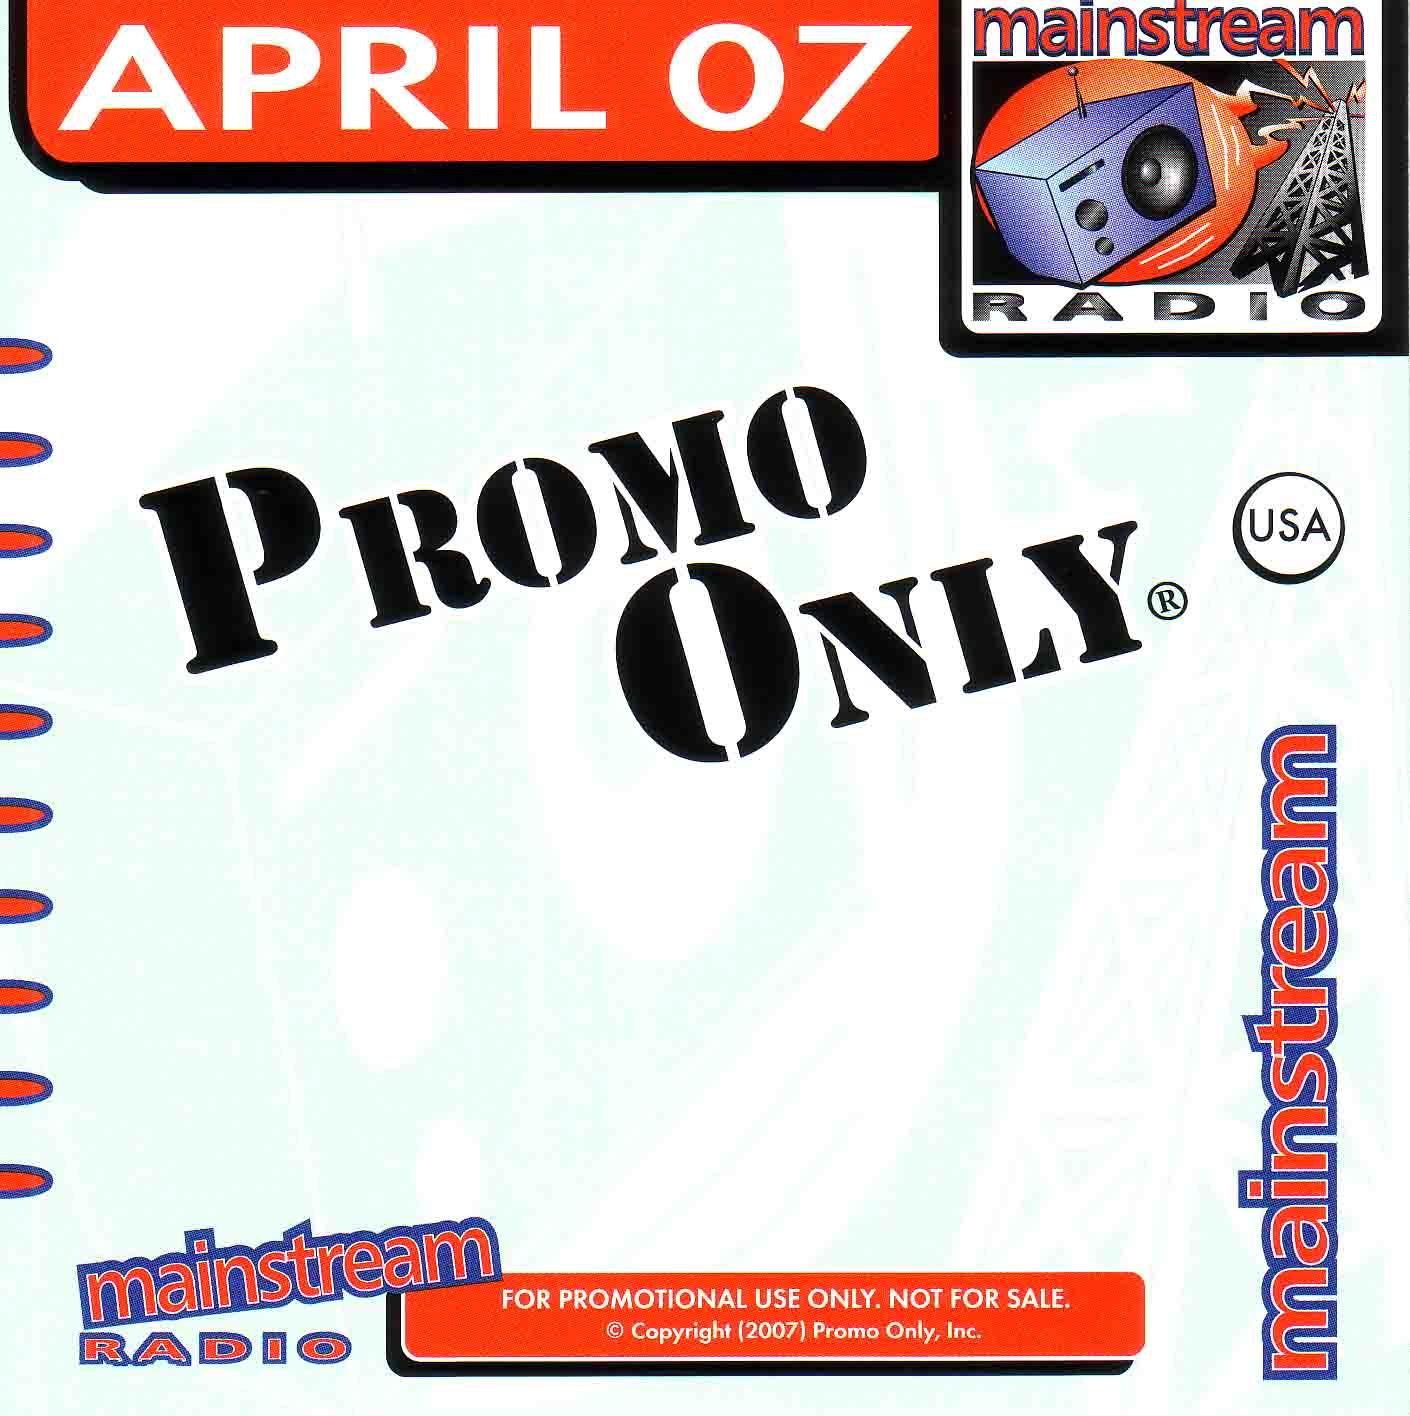 http://1.bp.blogspot.com/_9cw-jhhRBE4/TL8rtfFaXuI/AAAAAAAAF9k/g-R2BDP3V68/s1600/00-va-promo_only_mainstream_radio_april-2007-front.jpg